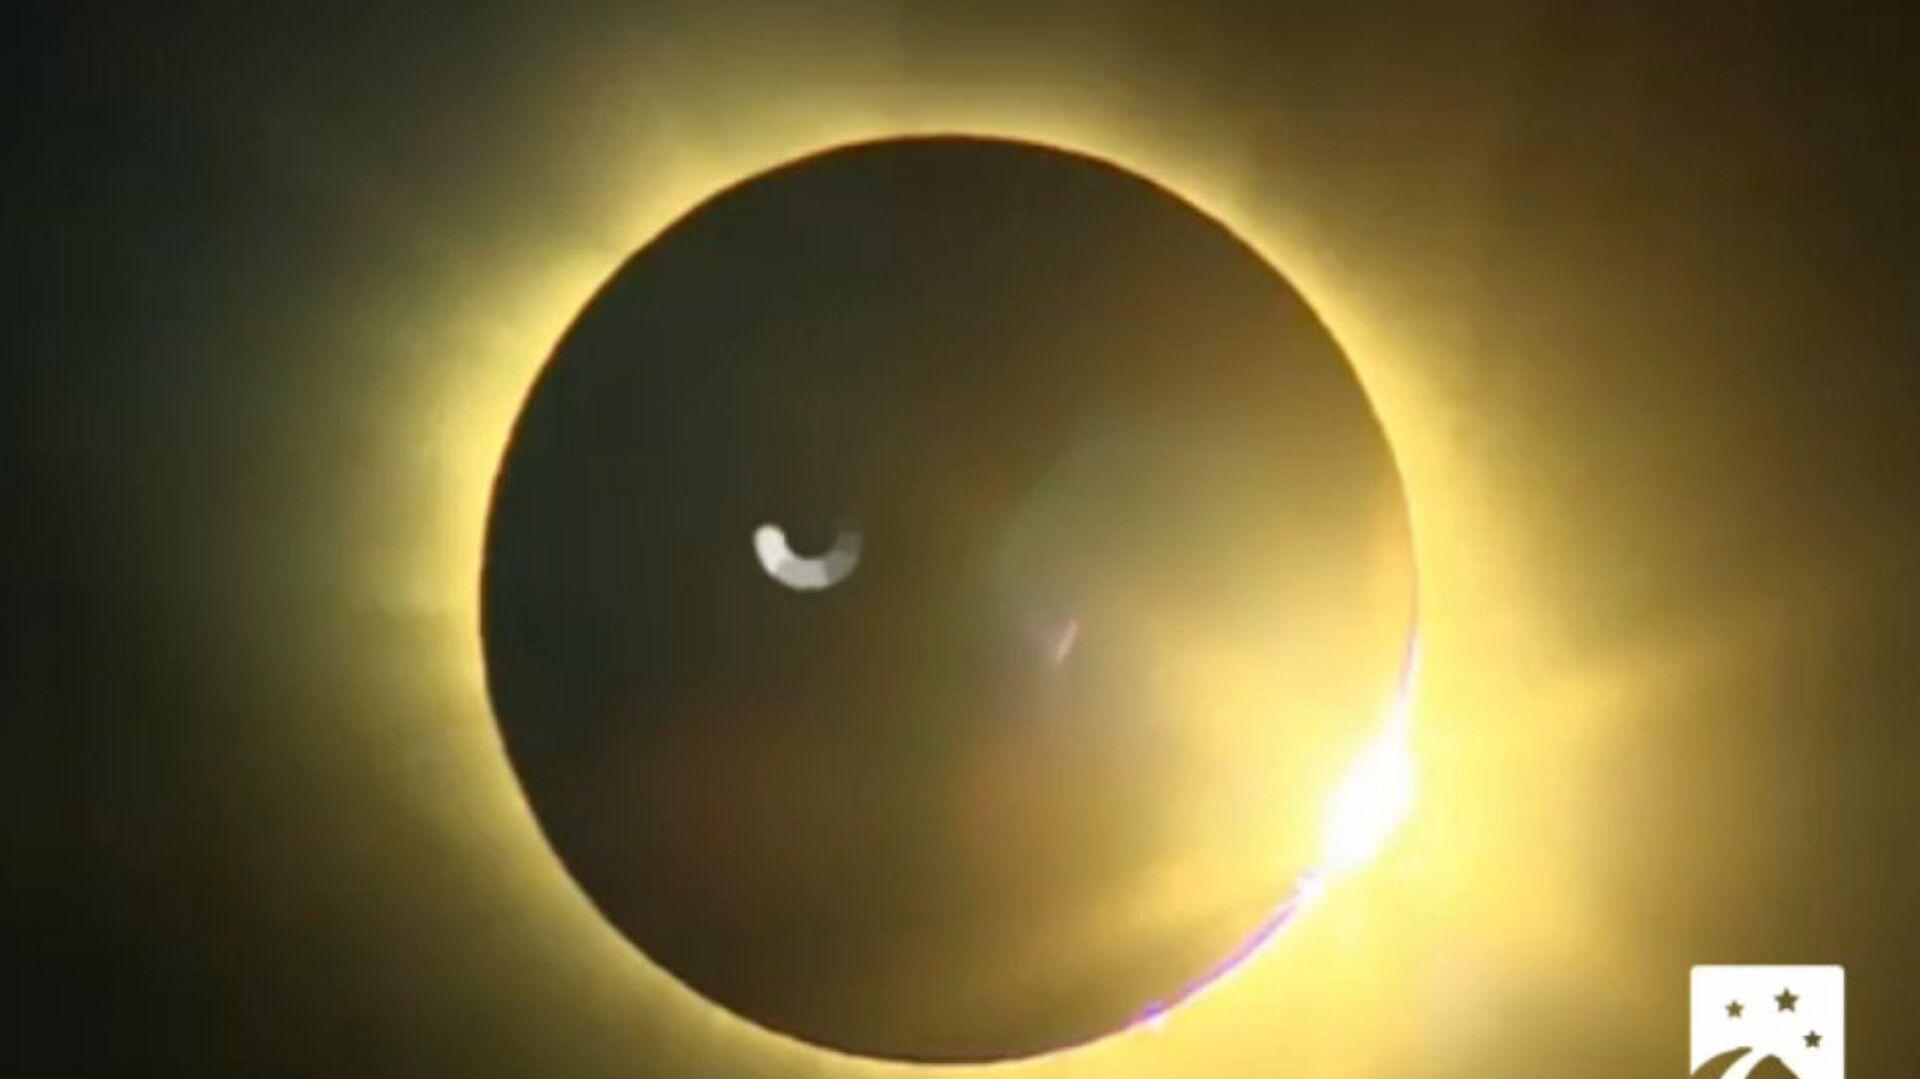 Россияне смогут увидеть первое за 55 лет кольцеобразное затмение Солнца